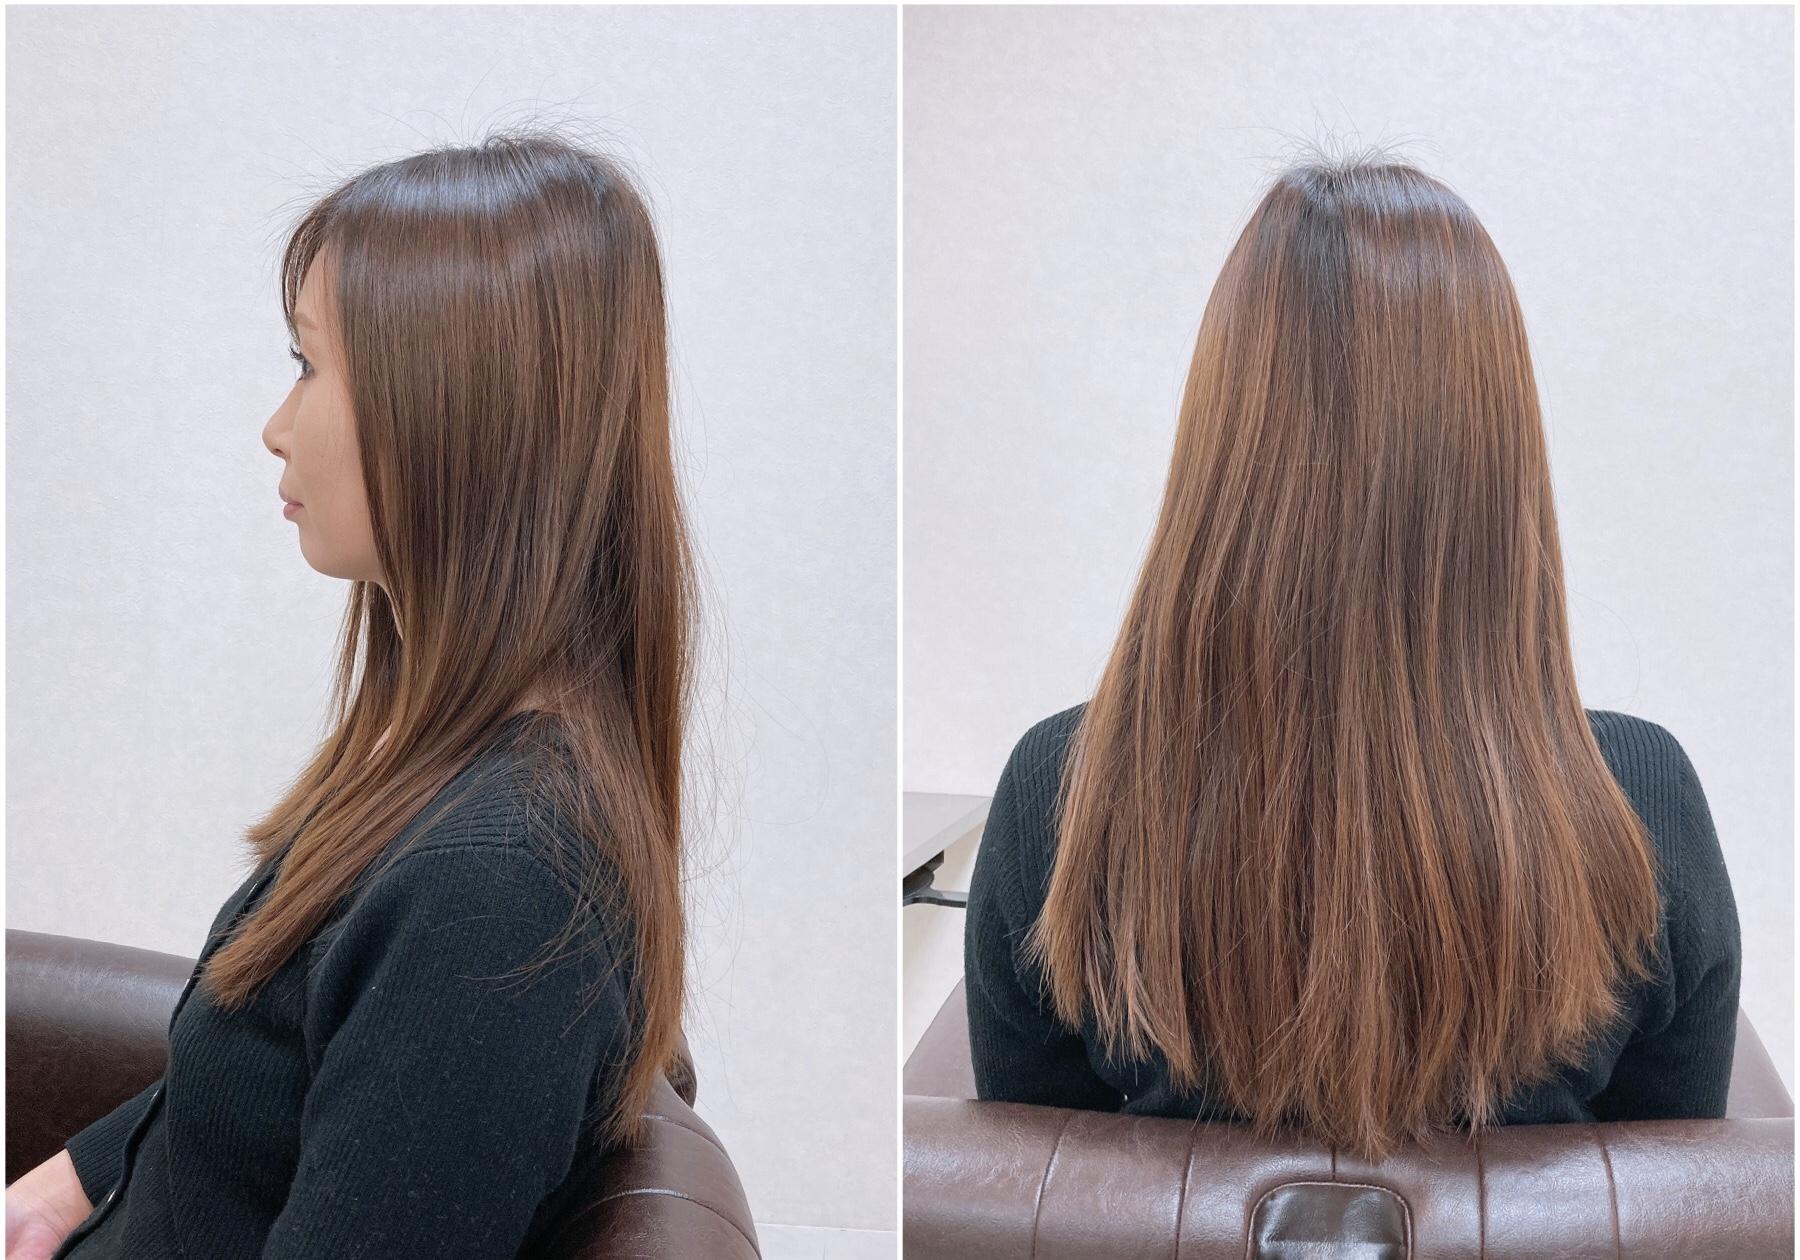 THE ツヤ髪ロングヘア THE 巻き髪ロングヘア